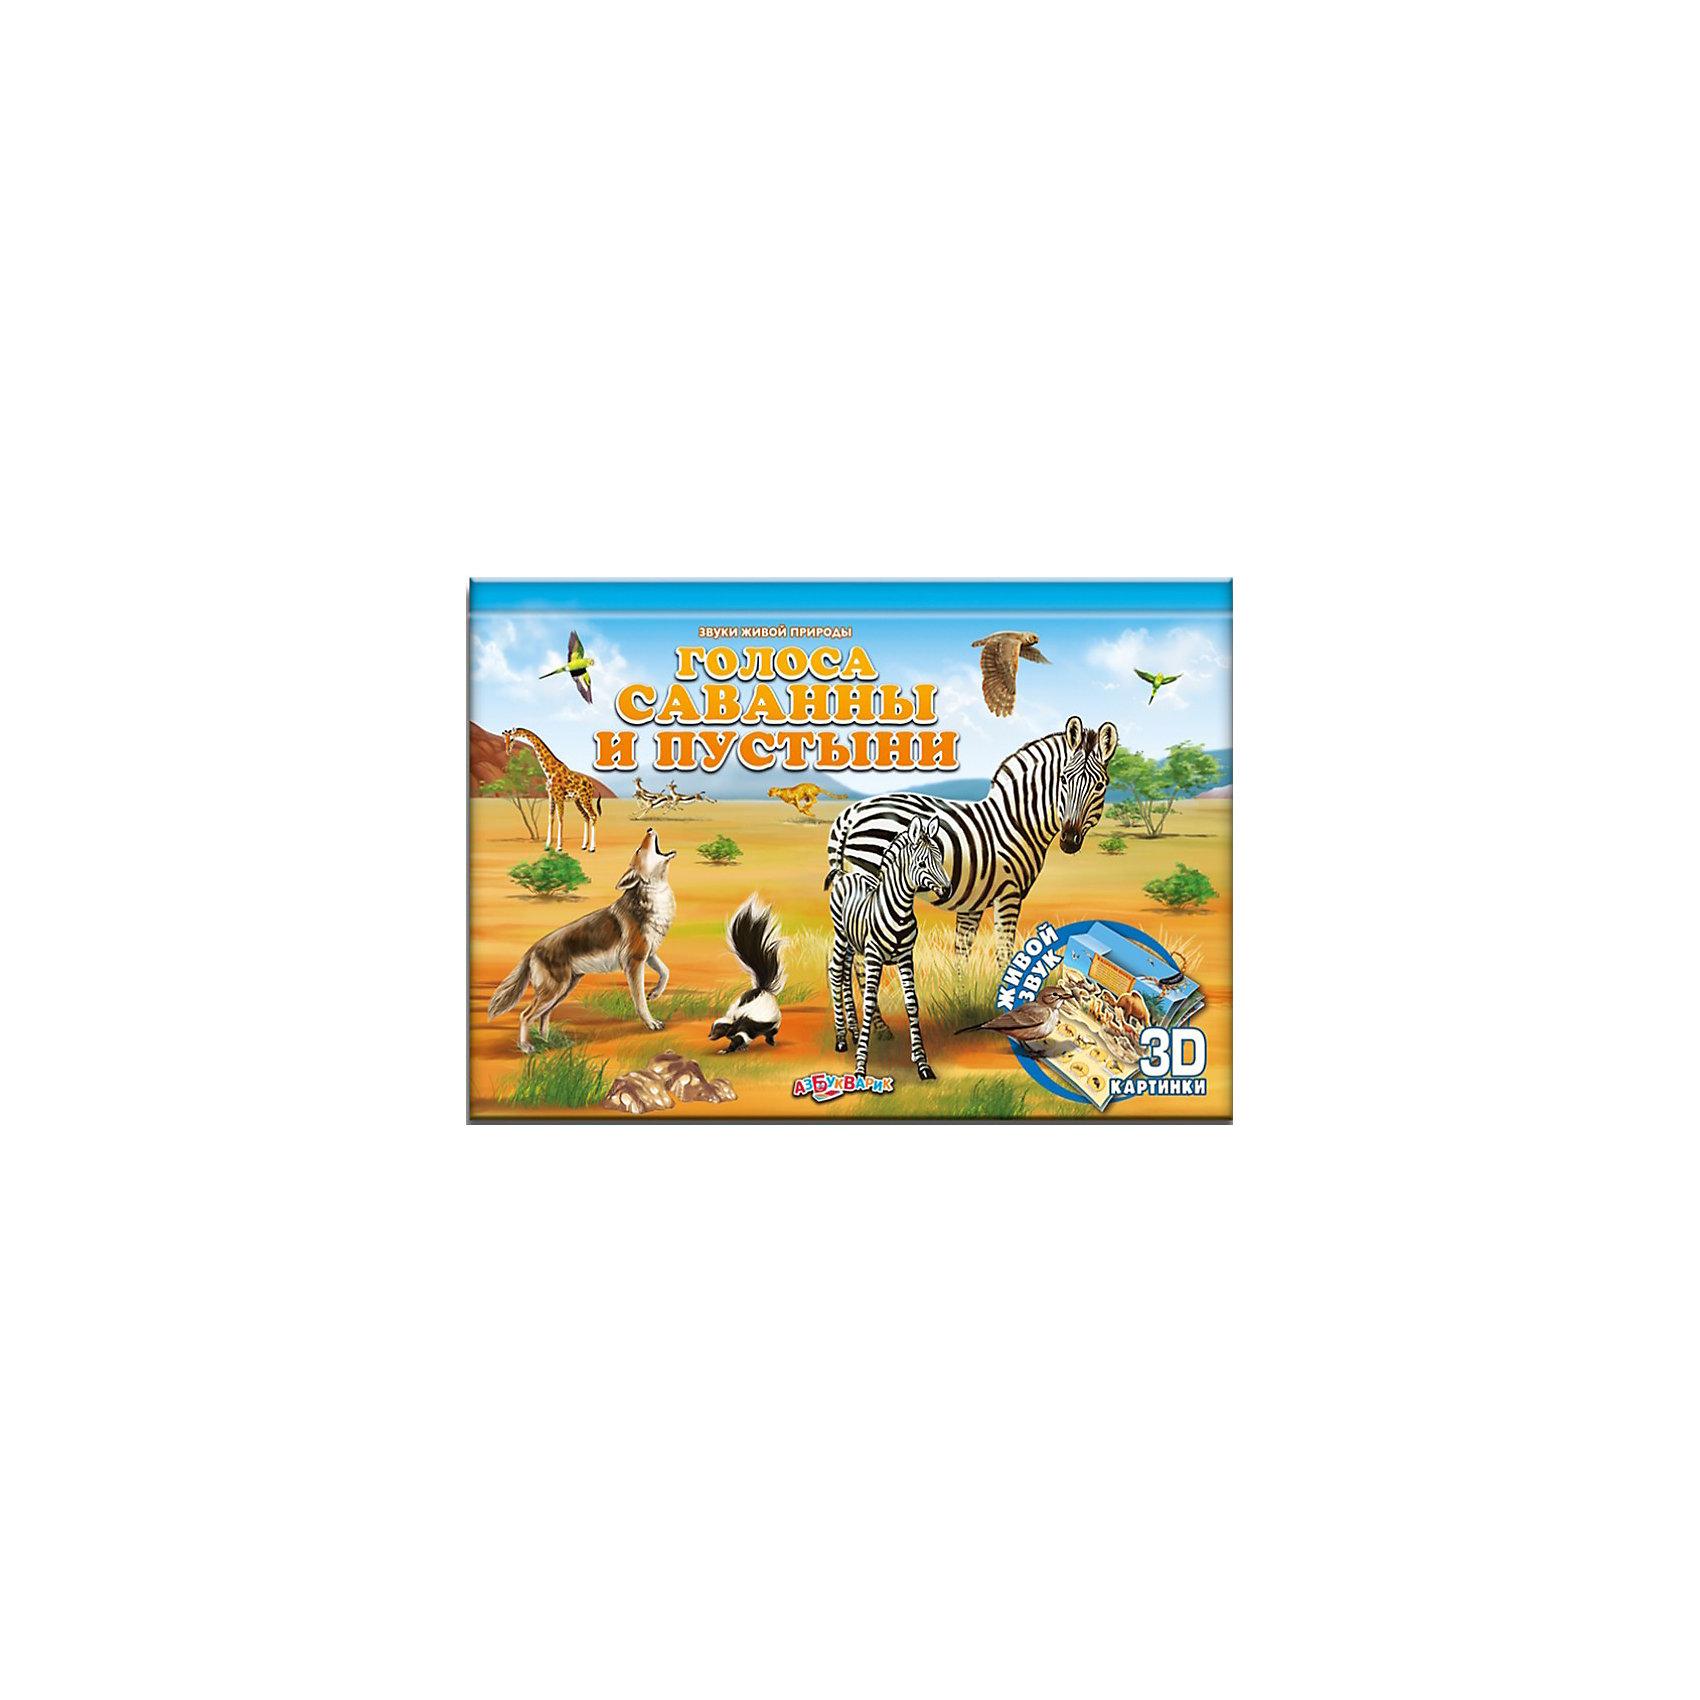 Азбукварик Голоса саванны и пустыни. Серия Звуки живой природыДобро пожаловать на просторы саванны и пустыни! Их обитатели встретят тебя на удивительных объёмных картинках! Ты познакомишься с африканскими животными-великанами, узнаешь, кто живёт среди кактусов Америки и бутылочных деревьев Австралии. Открывай объёмные странички – и слушай дружный хор зверей и птиц.<br><br>Ширина мм: 20<br>Глубина мм: 300<br>Высота мм: 201<br>Вес г: 180<br>Возраст от месяцев: 48<br>Возраст до месяцев: 72<br>Пол: Унисекс<br>Возраст: Детский<br>SKU: 2348397